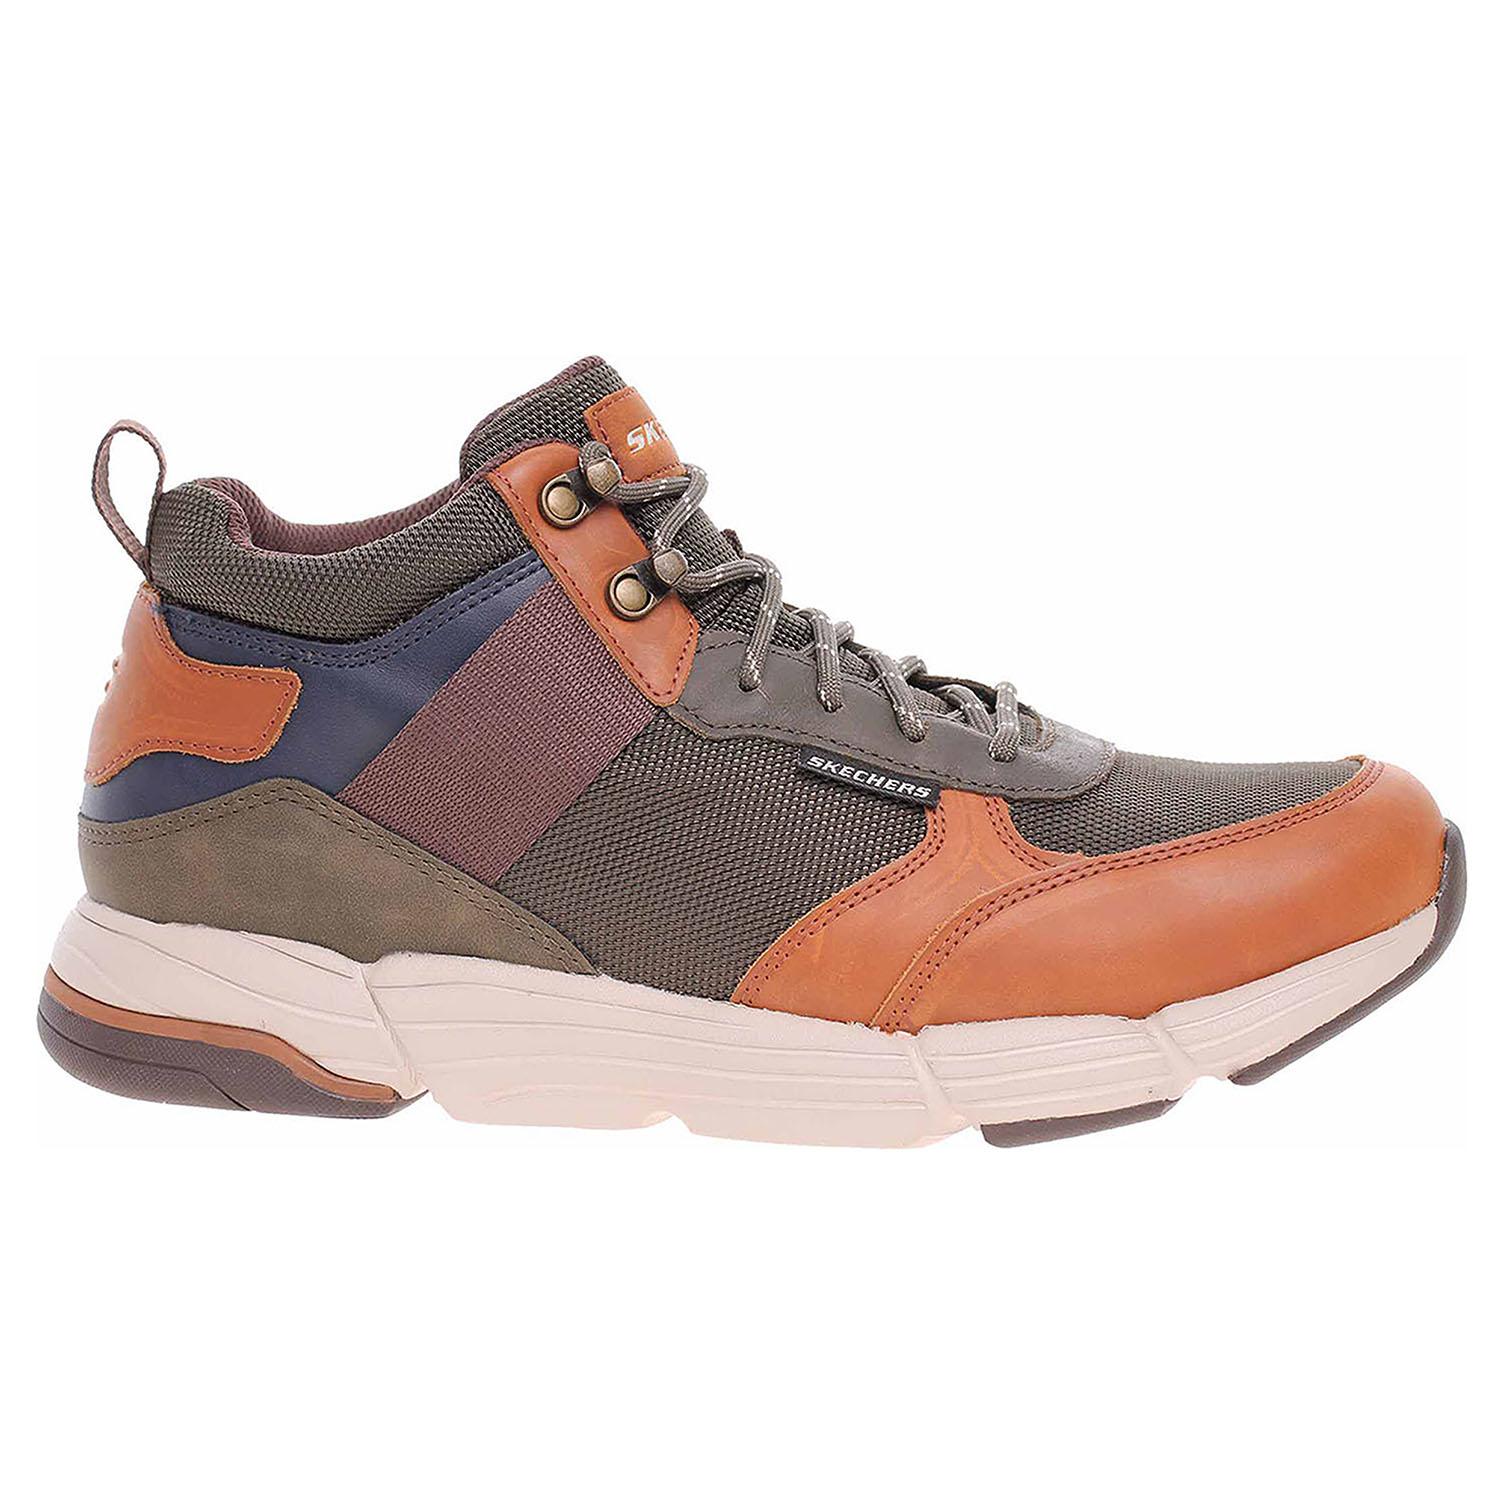 Skechers Metco - Beltop brown-olive 66250 BROL 42